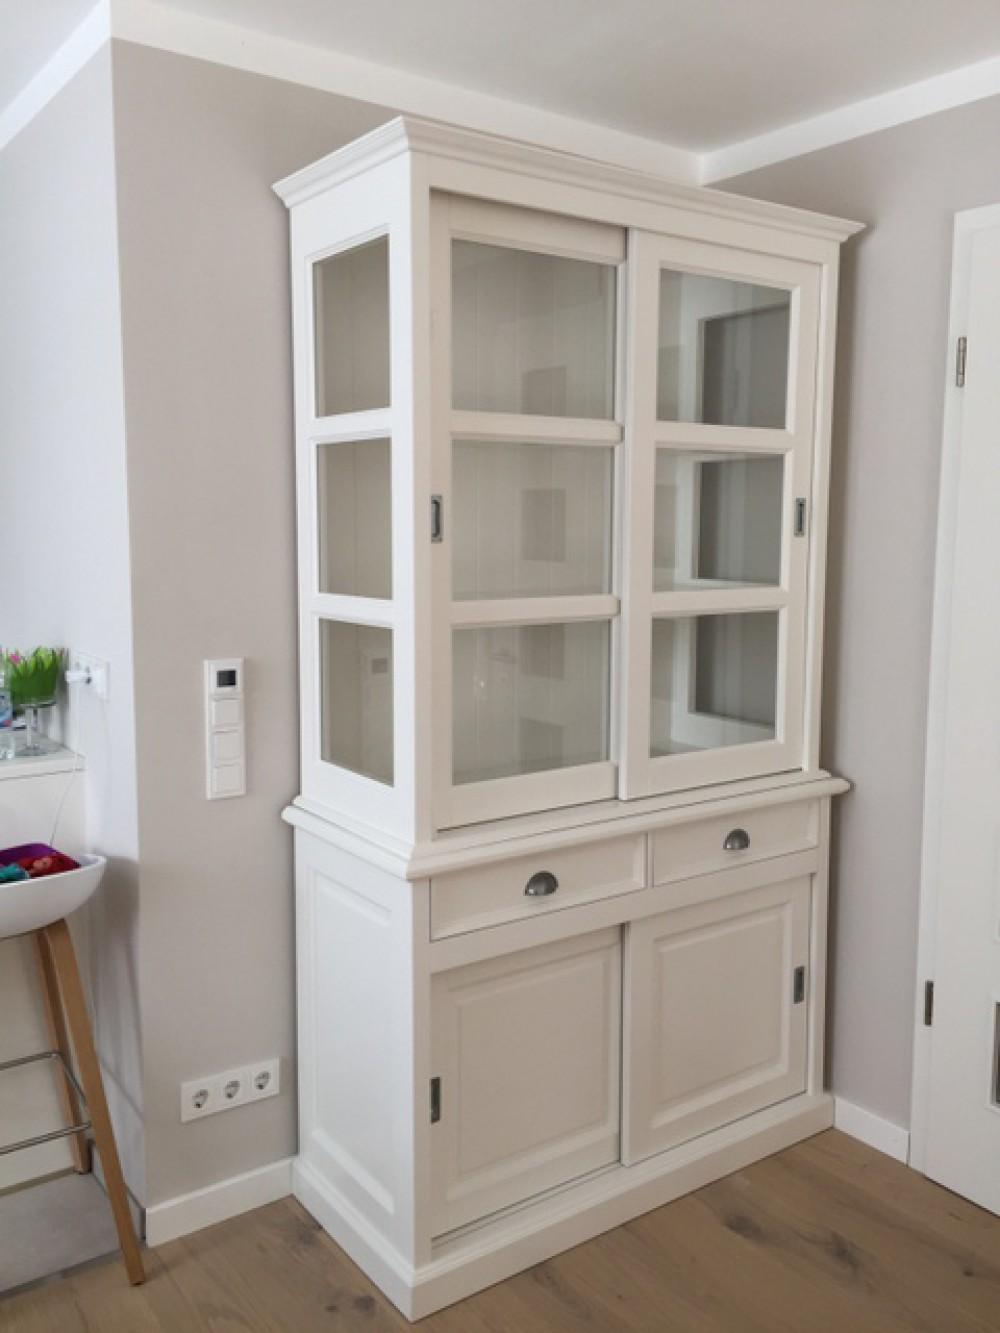 vitrinenschrank wei mit schiebet ren geschirrschrank wei mit vier t ren im landhausstil. Black Bedroom Furniture Sets. Home Design Ideas